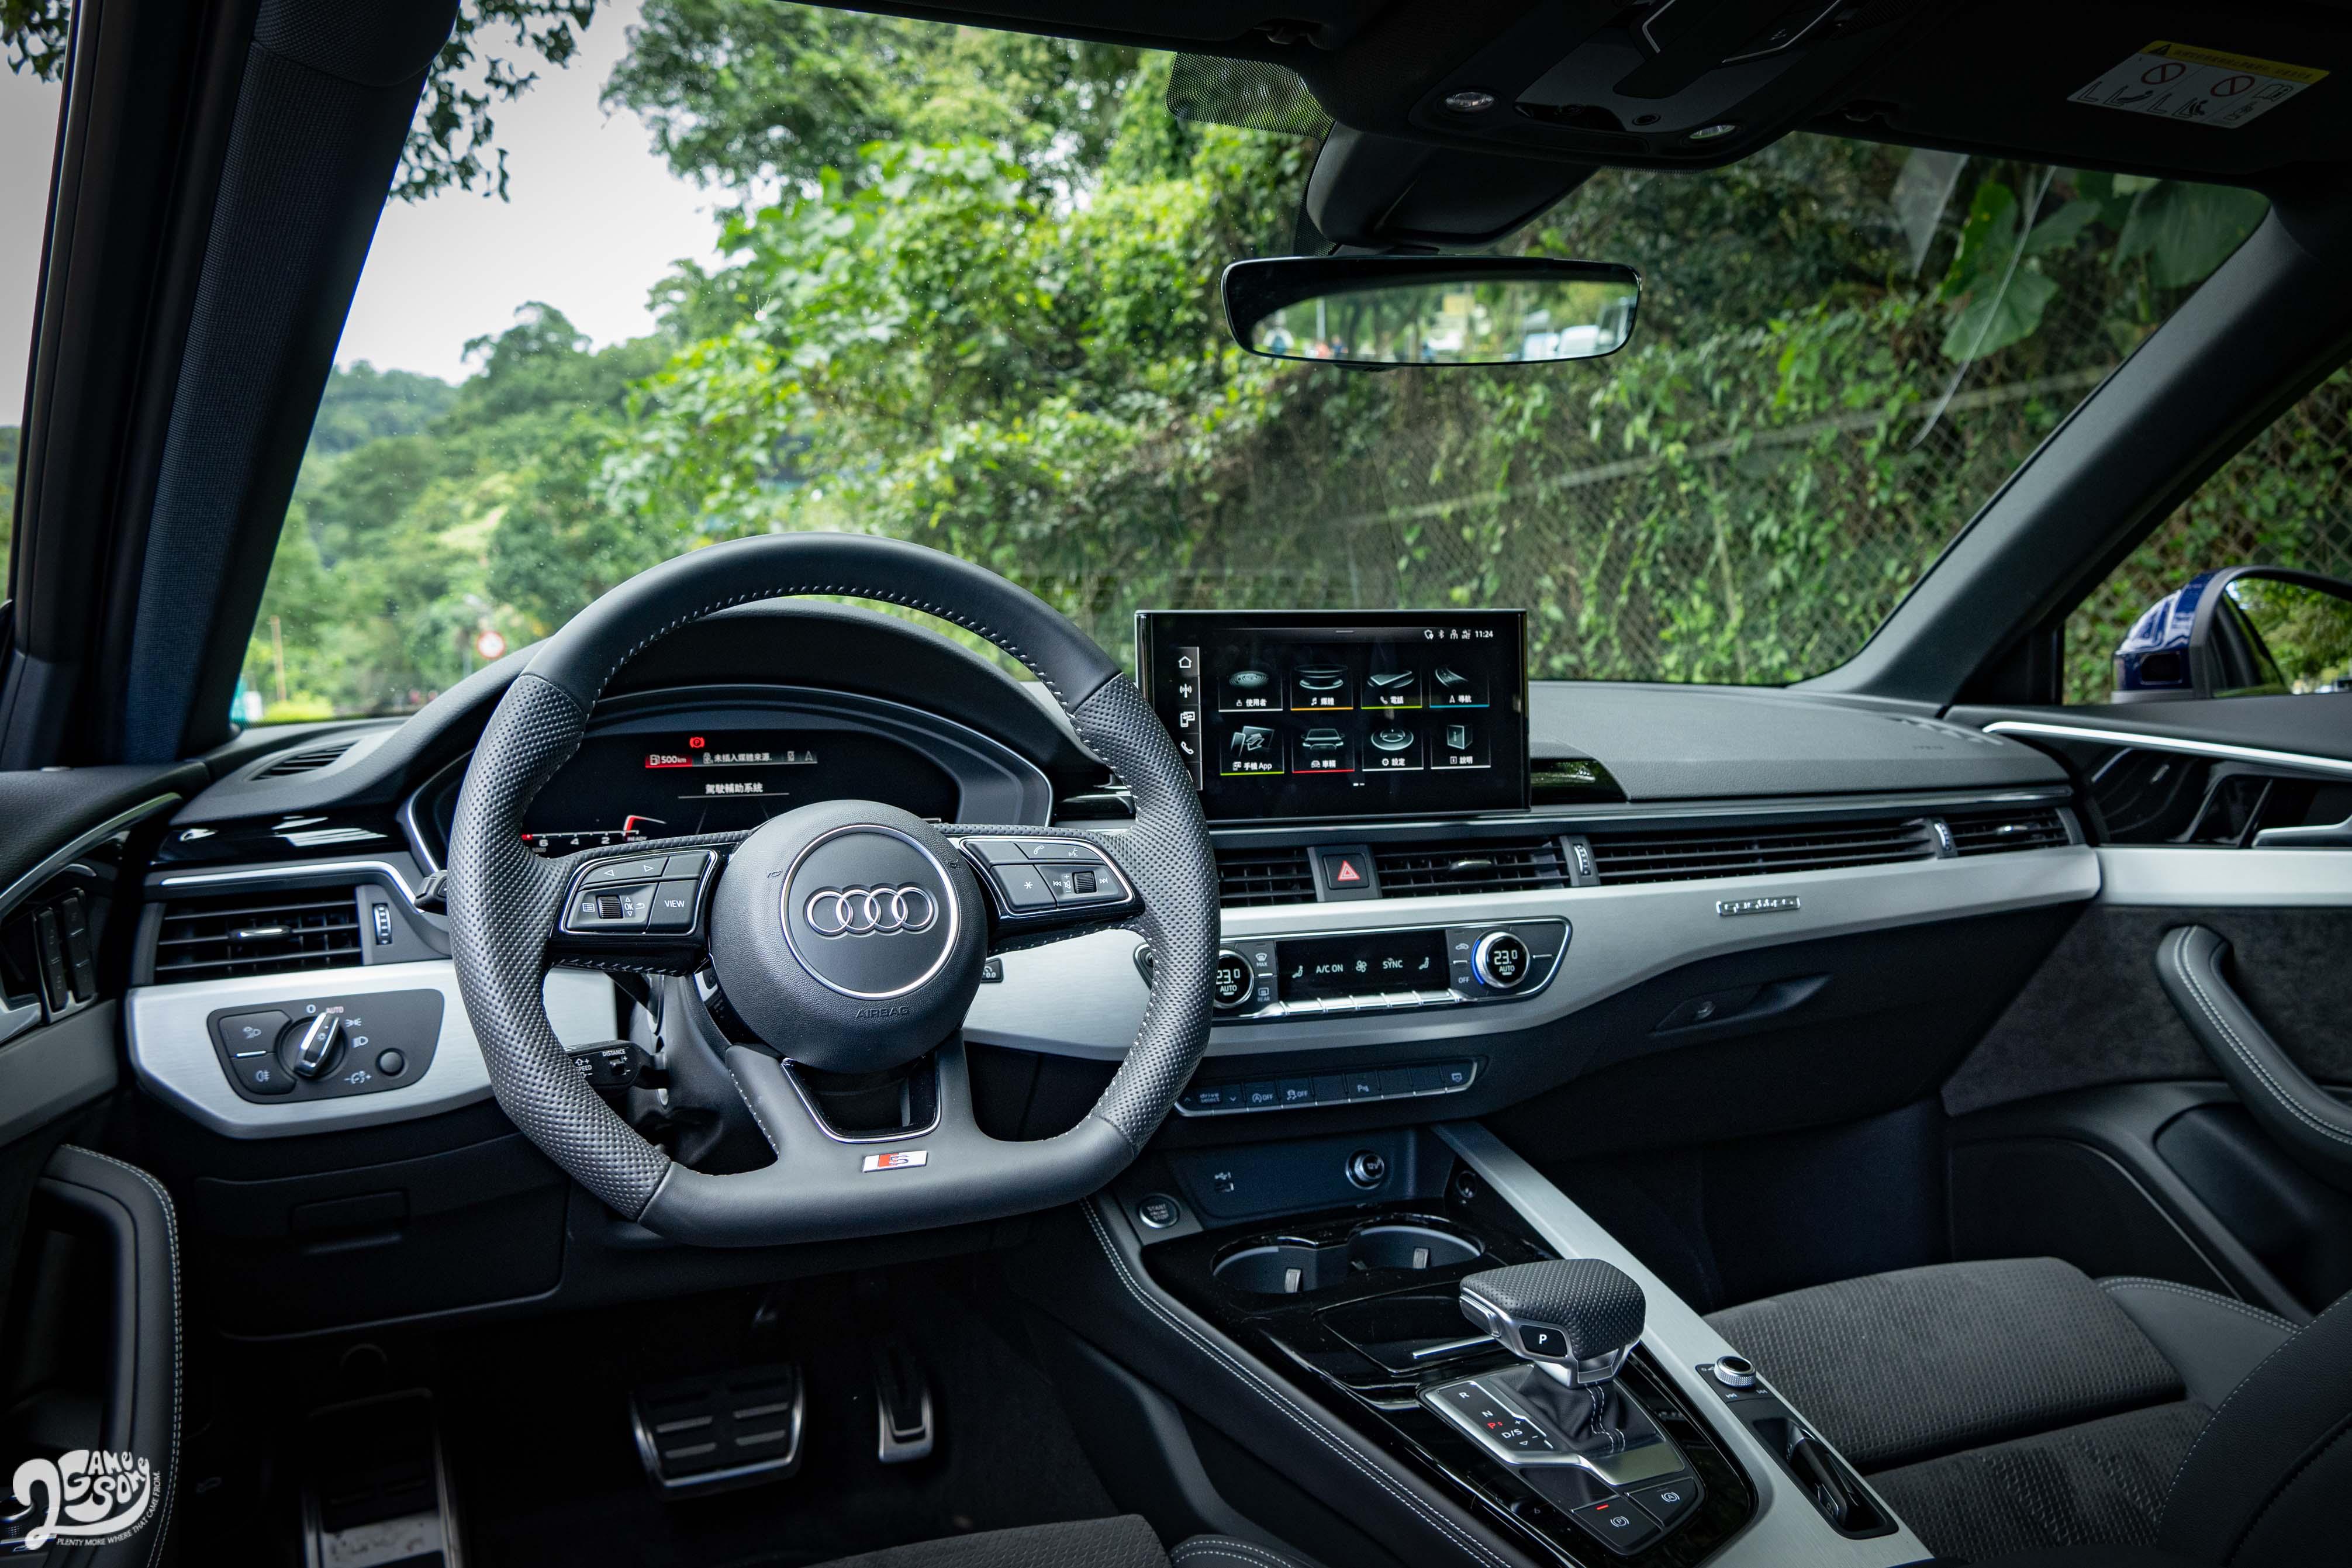 試駕車選配 S line 內裝套件,擁有 Alcantara / 真皮組合和隨處可見的 S 符號。